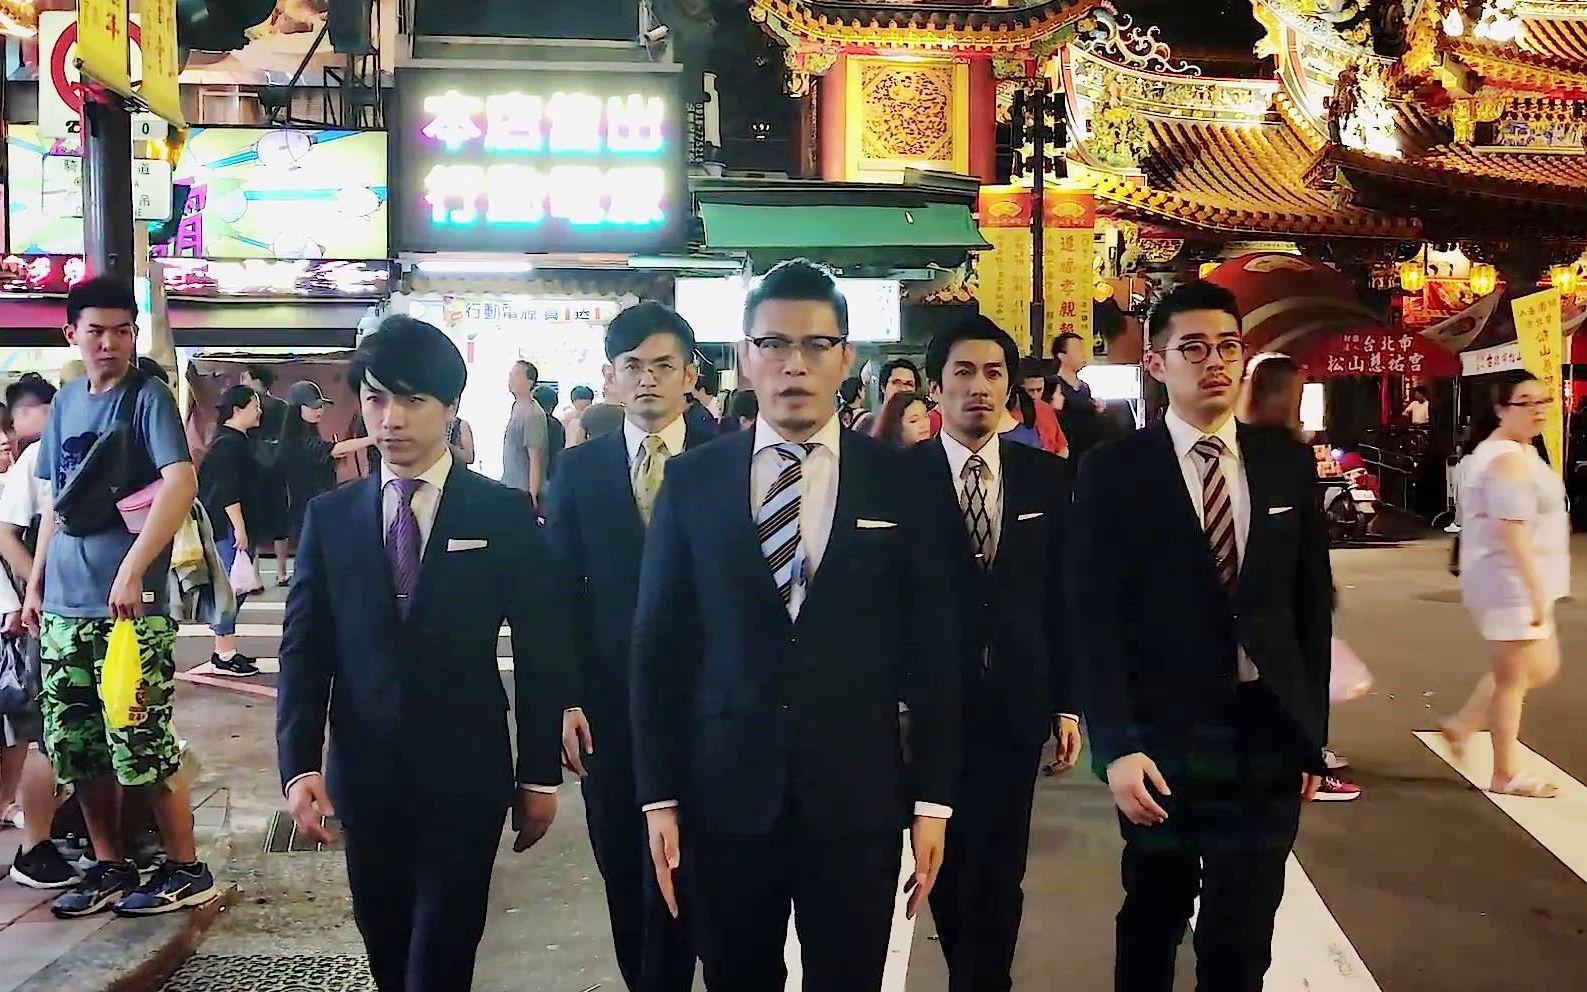 日本西装大叔舞团World Order惊现台湾街头!新单曲Missing Beauty舞蹈完整版!